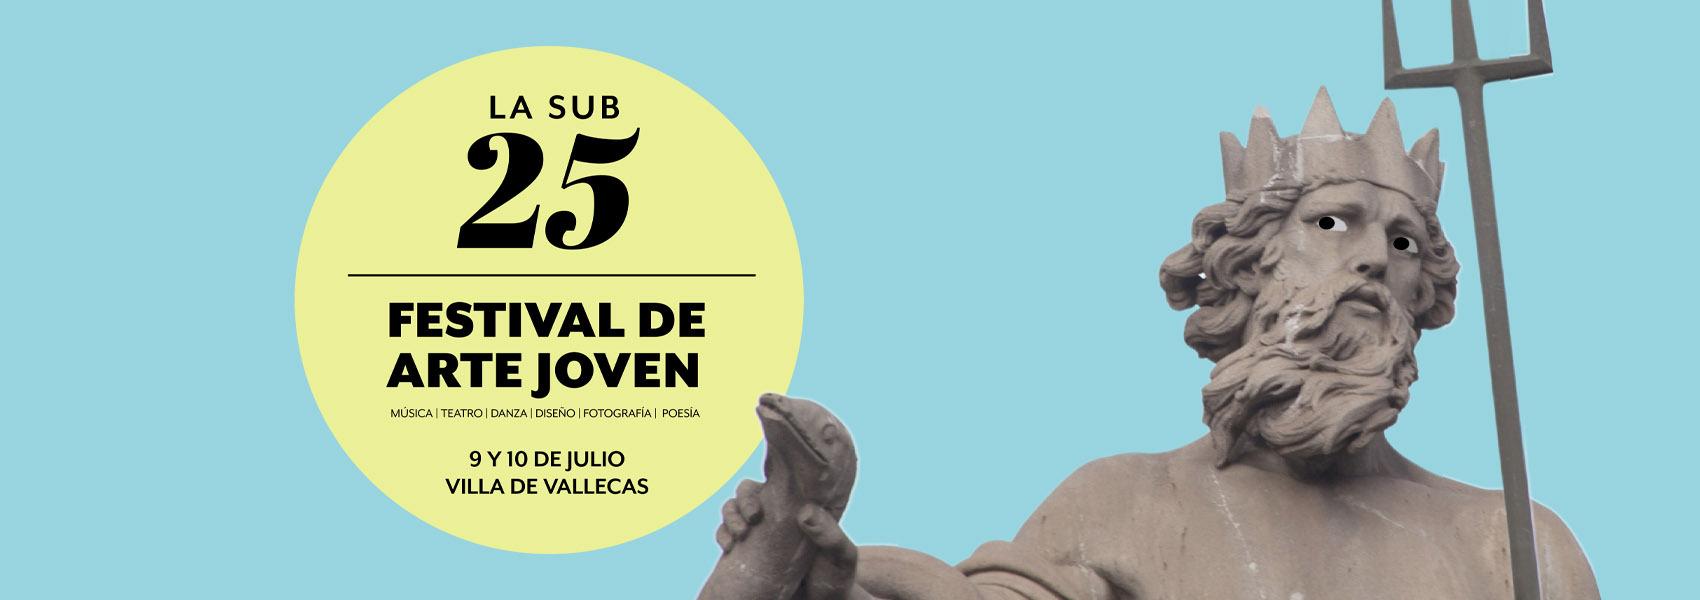 Festival La Sub25, 9 y 10 de junio en Villa de Vallecas